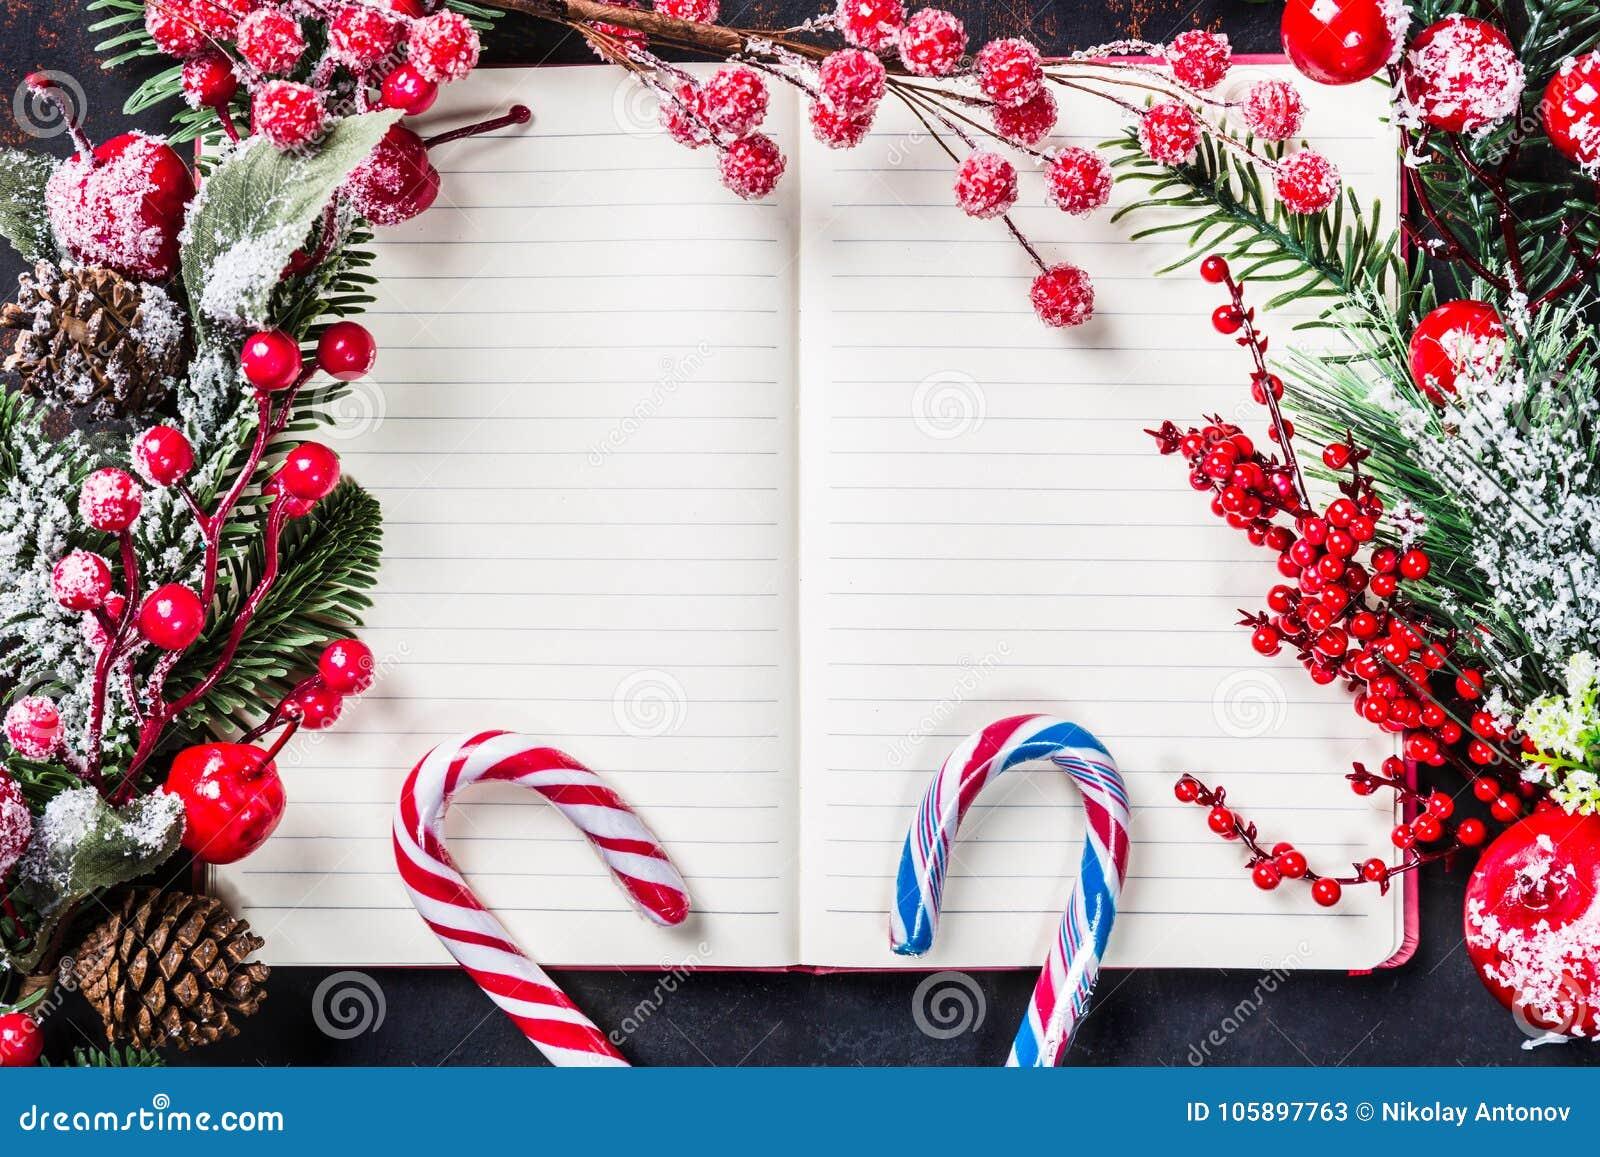 Weihnachtstannenbaumaste, Dekorationen, Zuckerstangen, Gefrorene ...